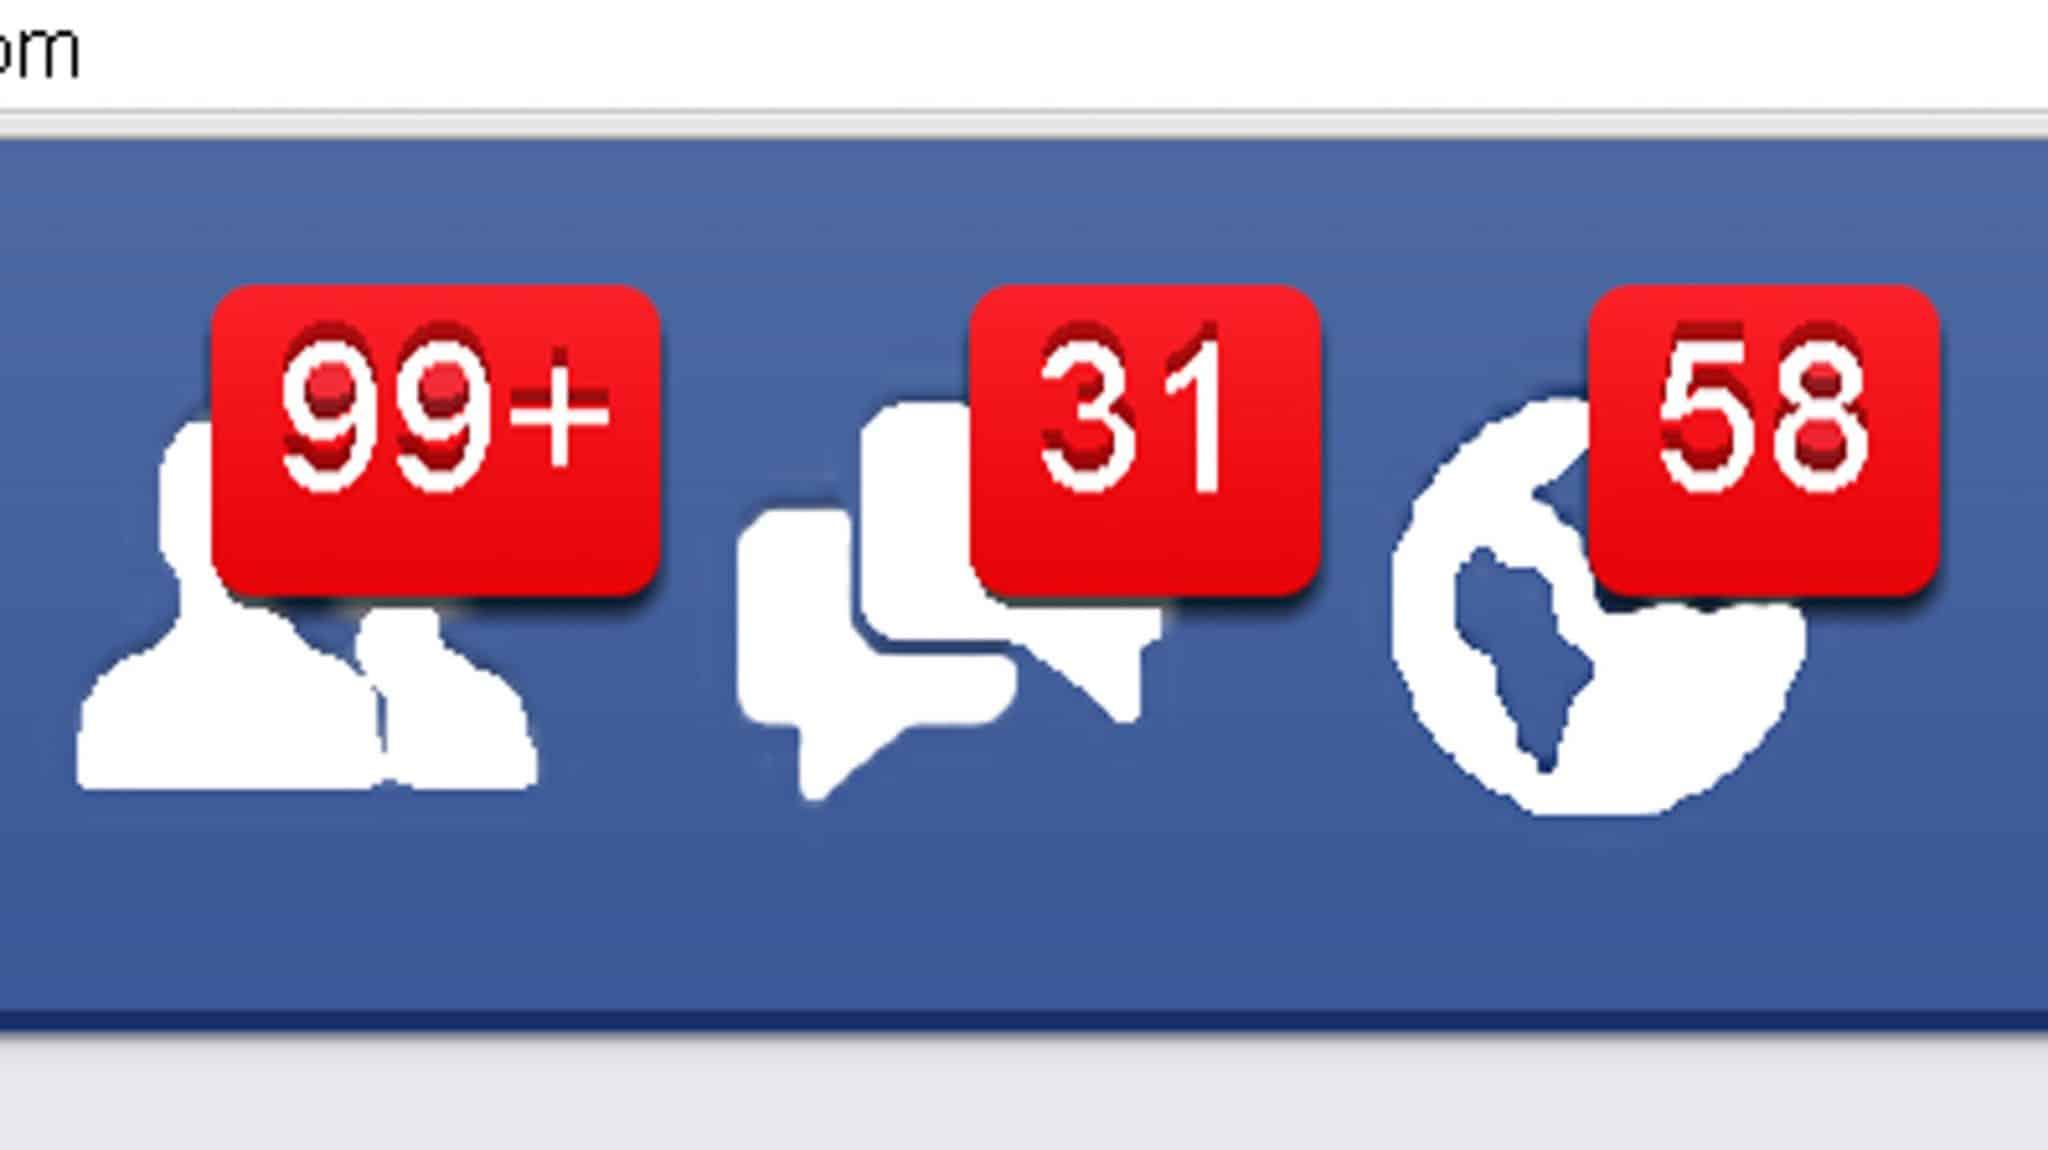 [Facebook] Code Chấp nhận lời mời kết bạn